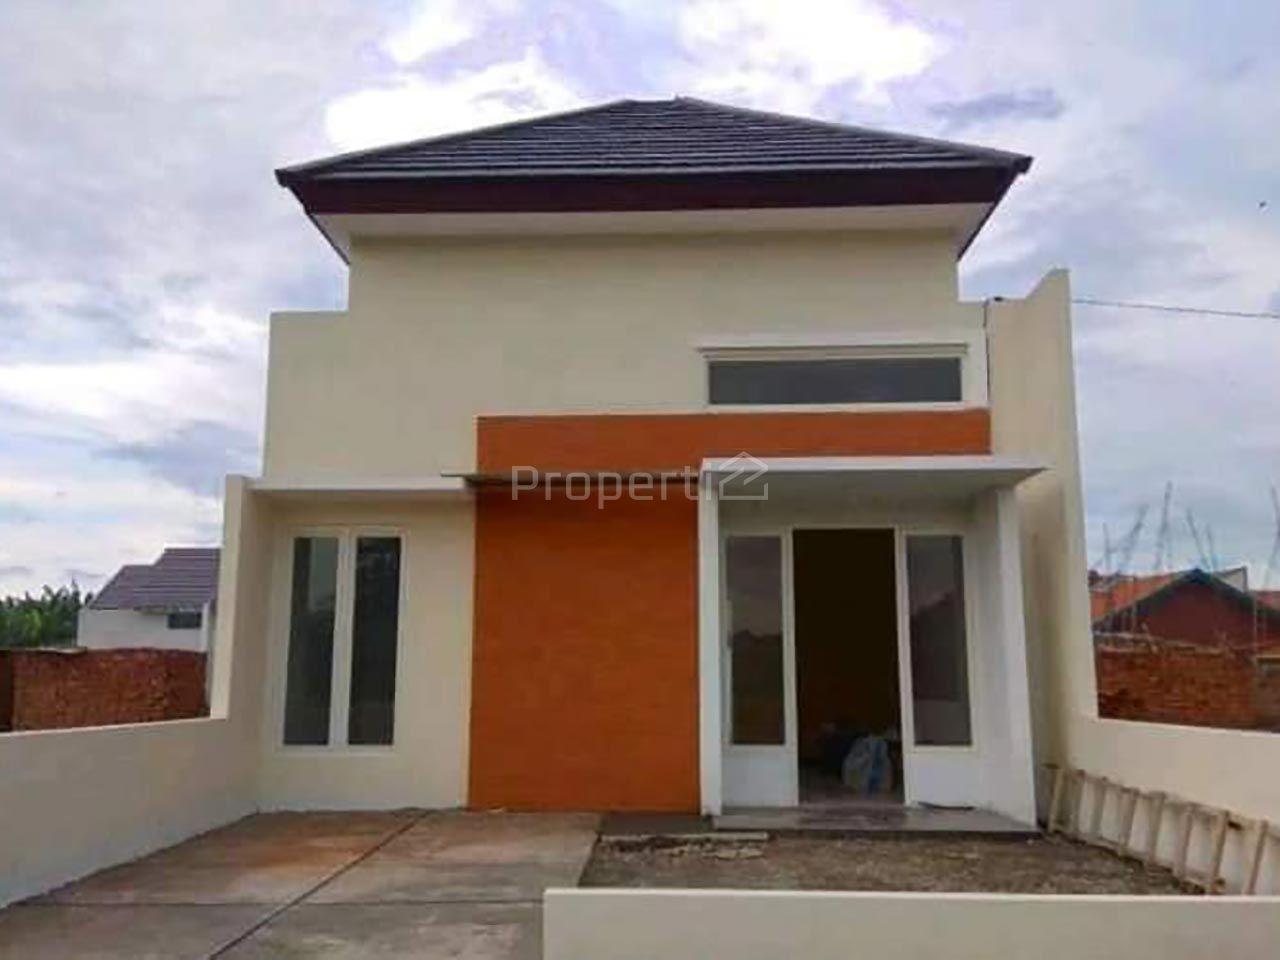 New House in Modern Residence in Sidoarjo City Center, Jawa Timur